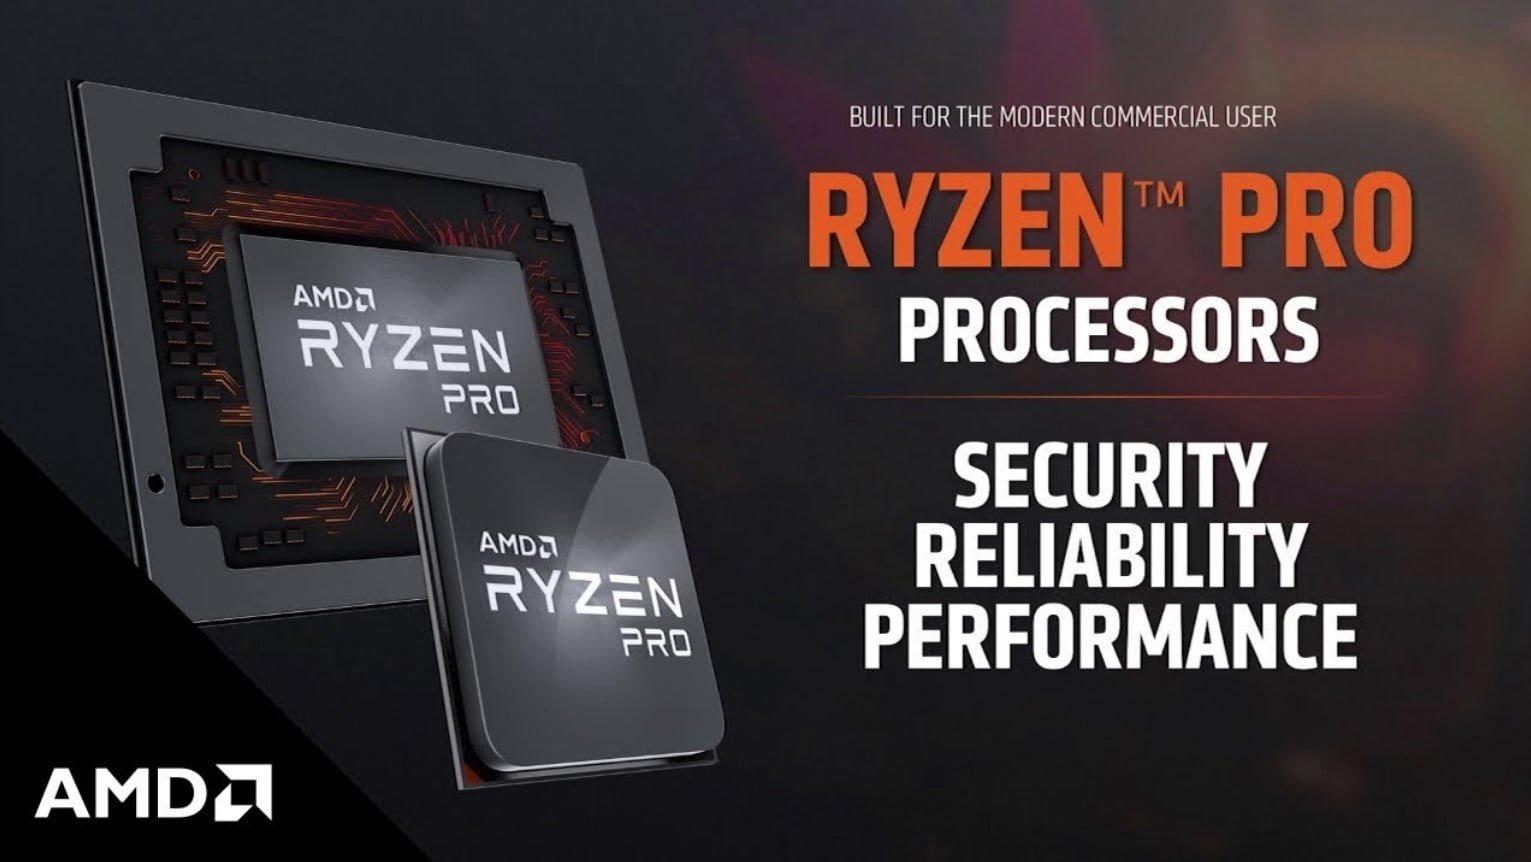 Ryzen Pro 3000 Series AMD